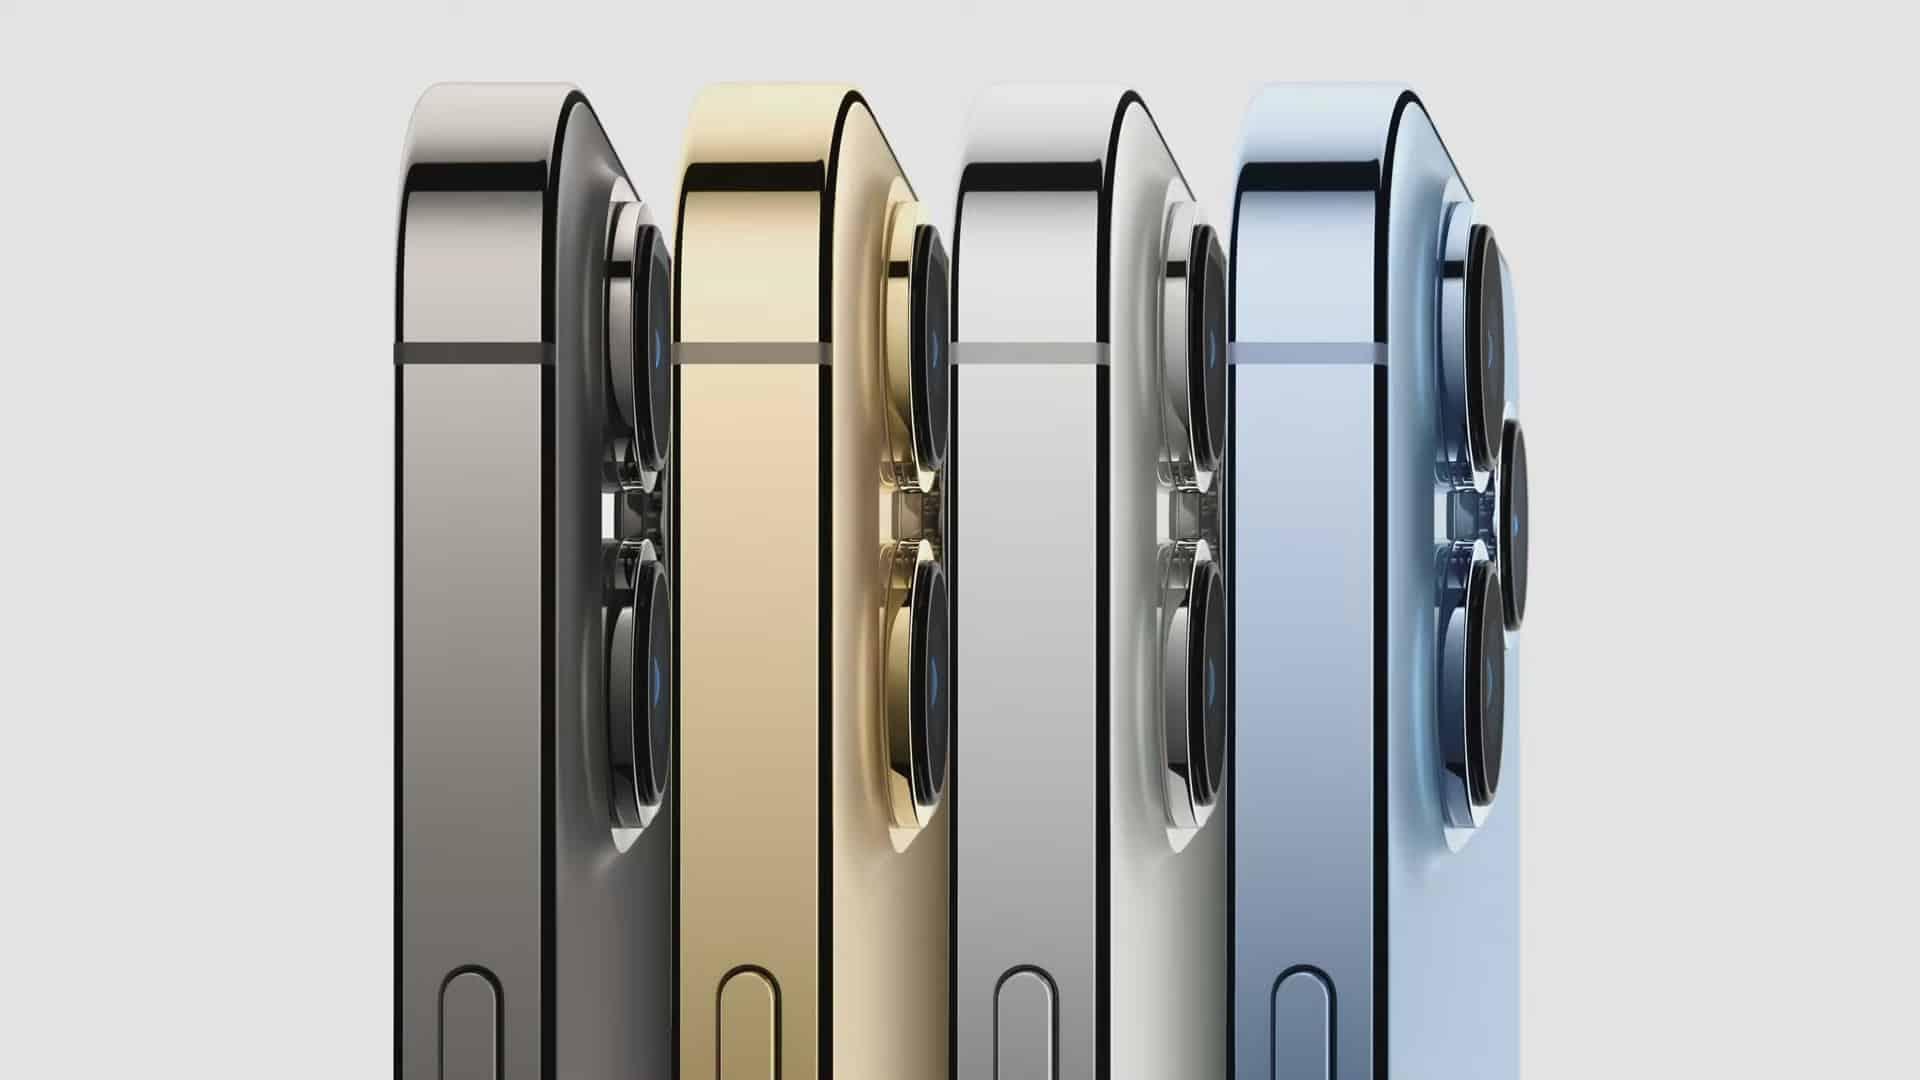 Tampilan Samping dari iPhone 13 Pro